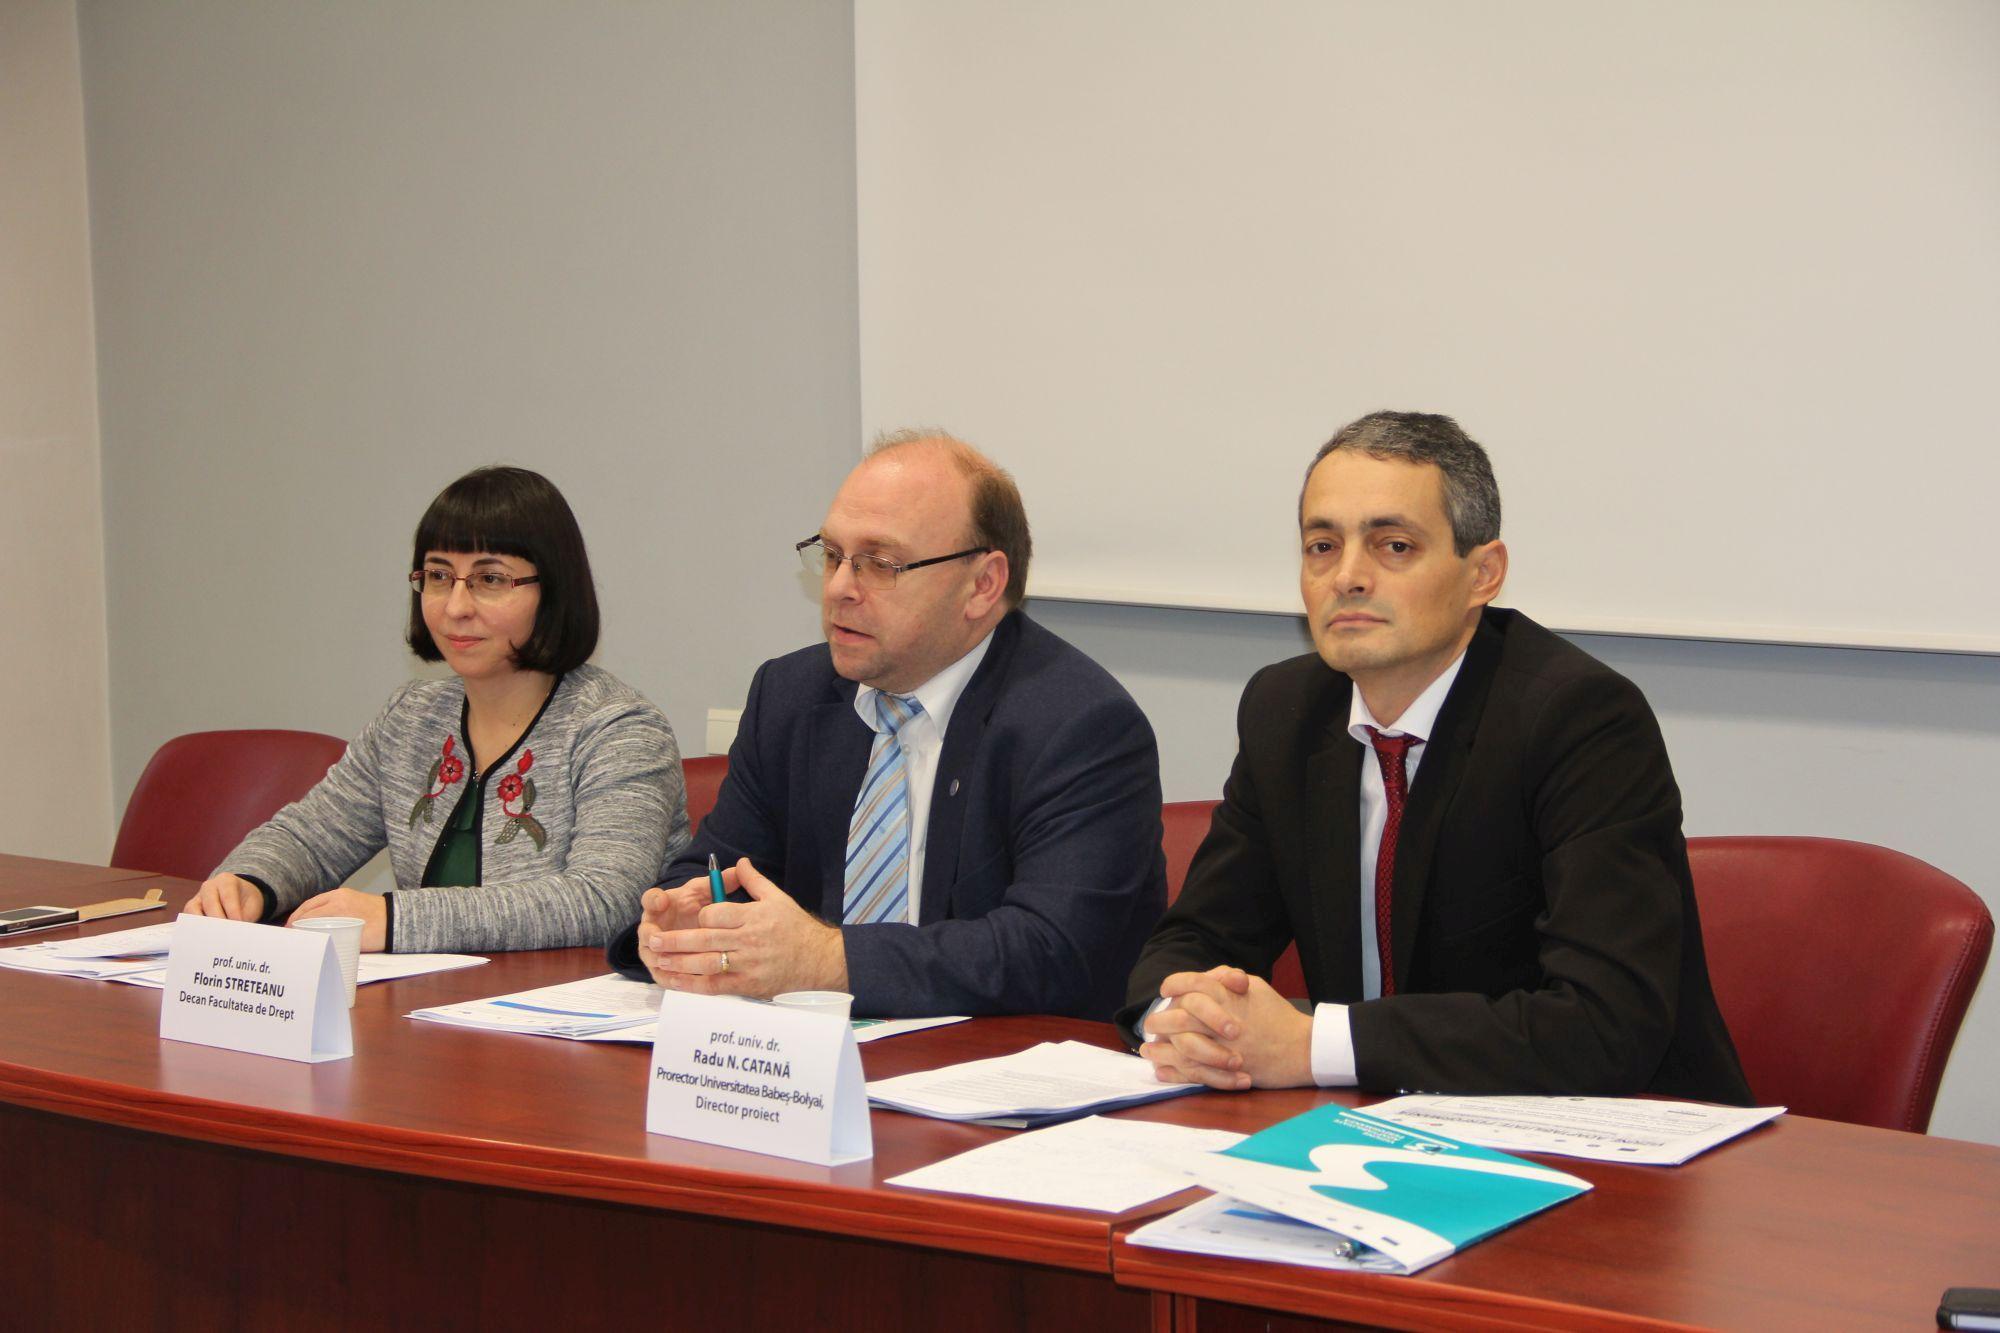 Teodora Rat, Florin Streteanu, Radu Catana